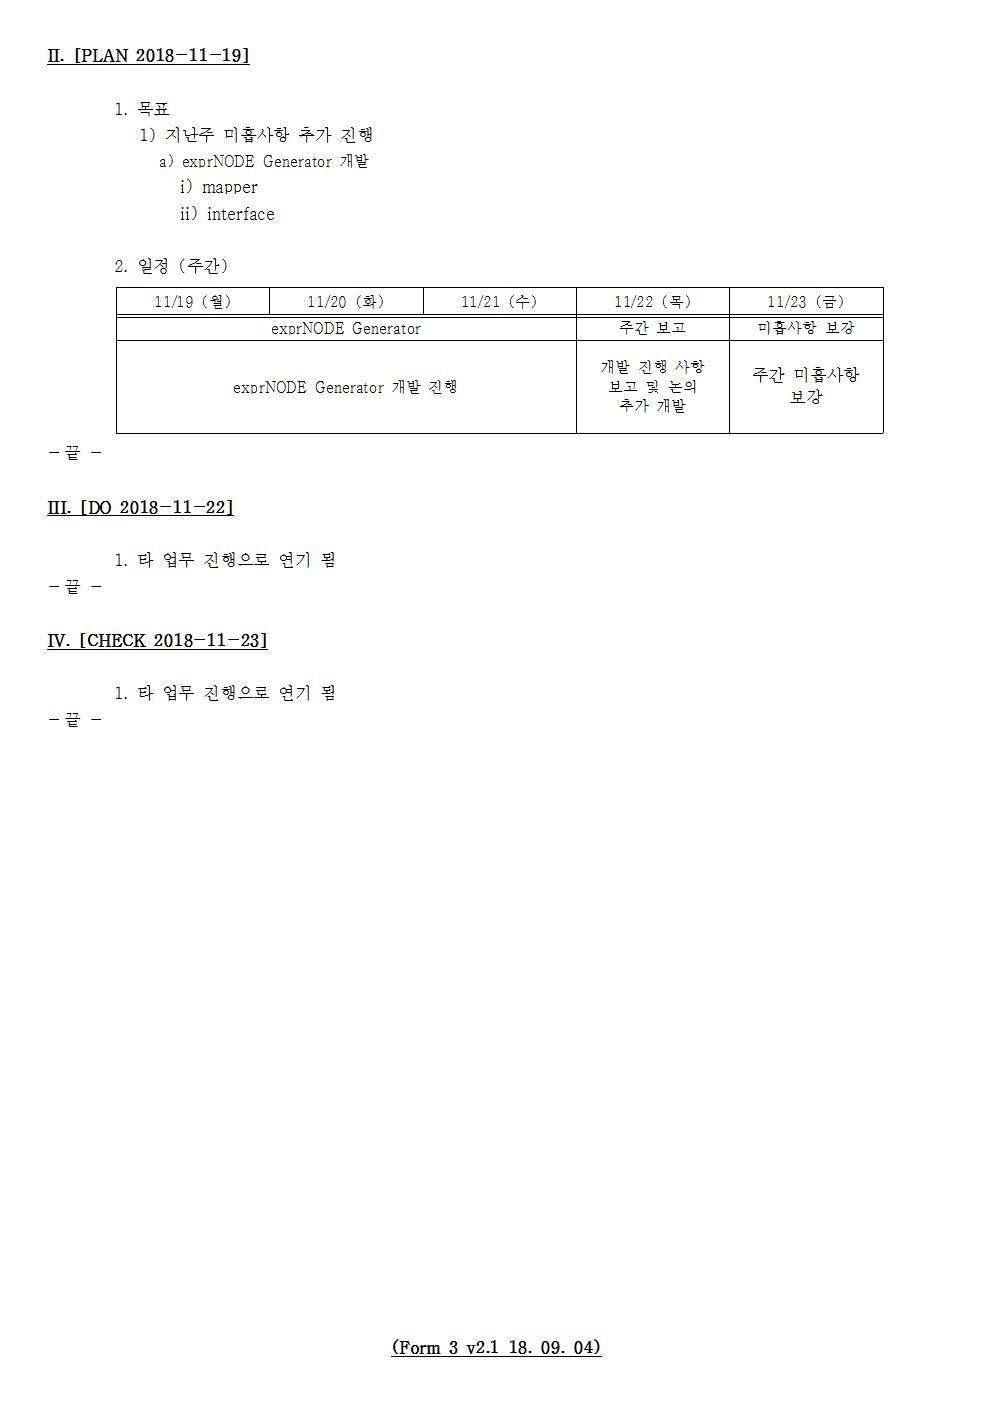 D-[18-003-RD-03]-[SRRE]-[2018-11-23][JS]002.jpg